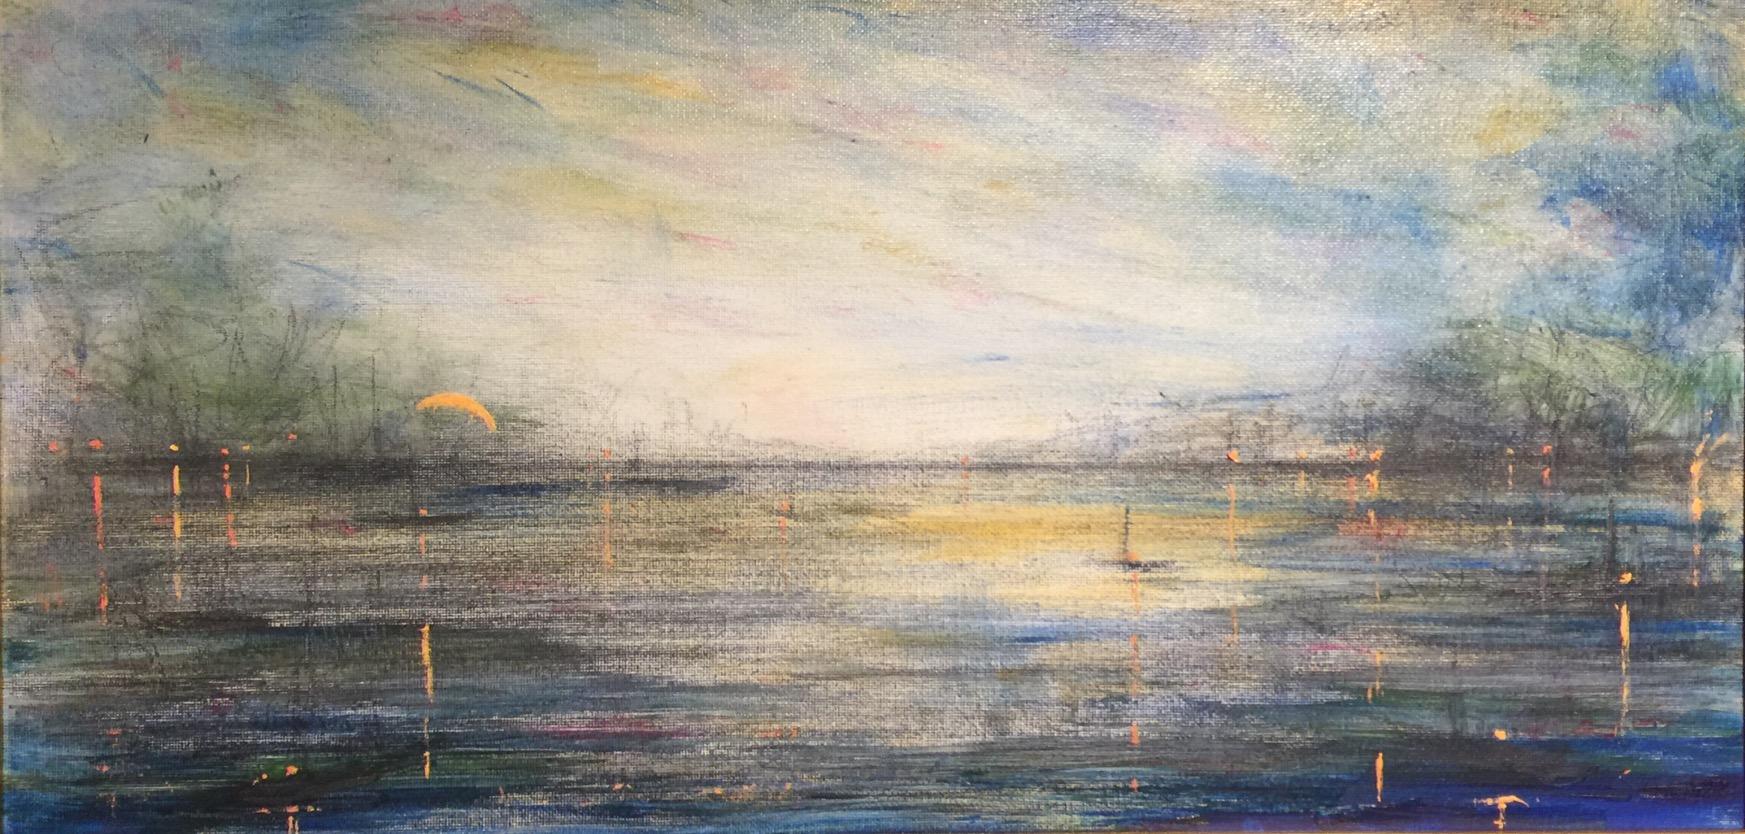 Twilight Harbor, Last Light, Amber Tones